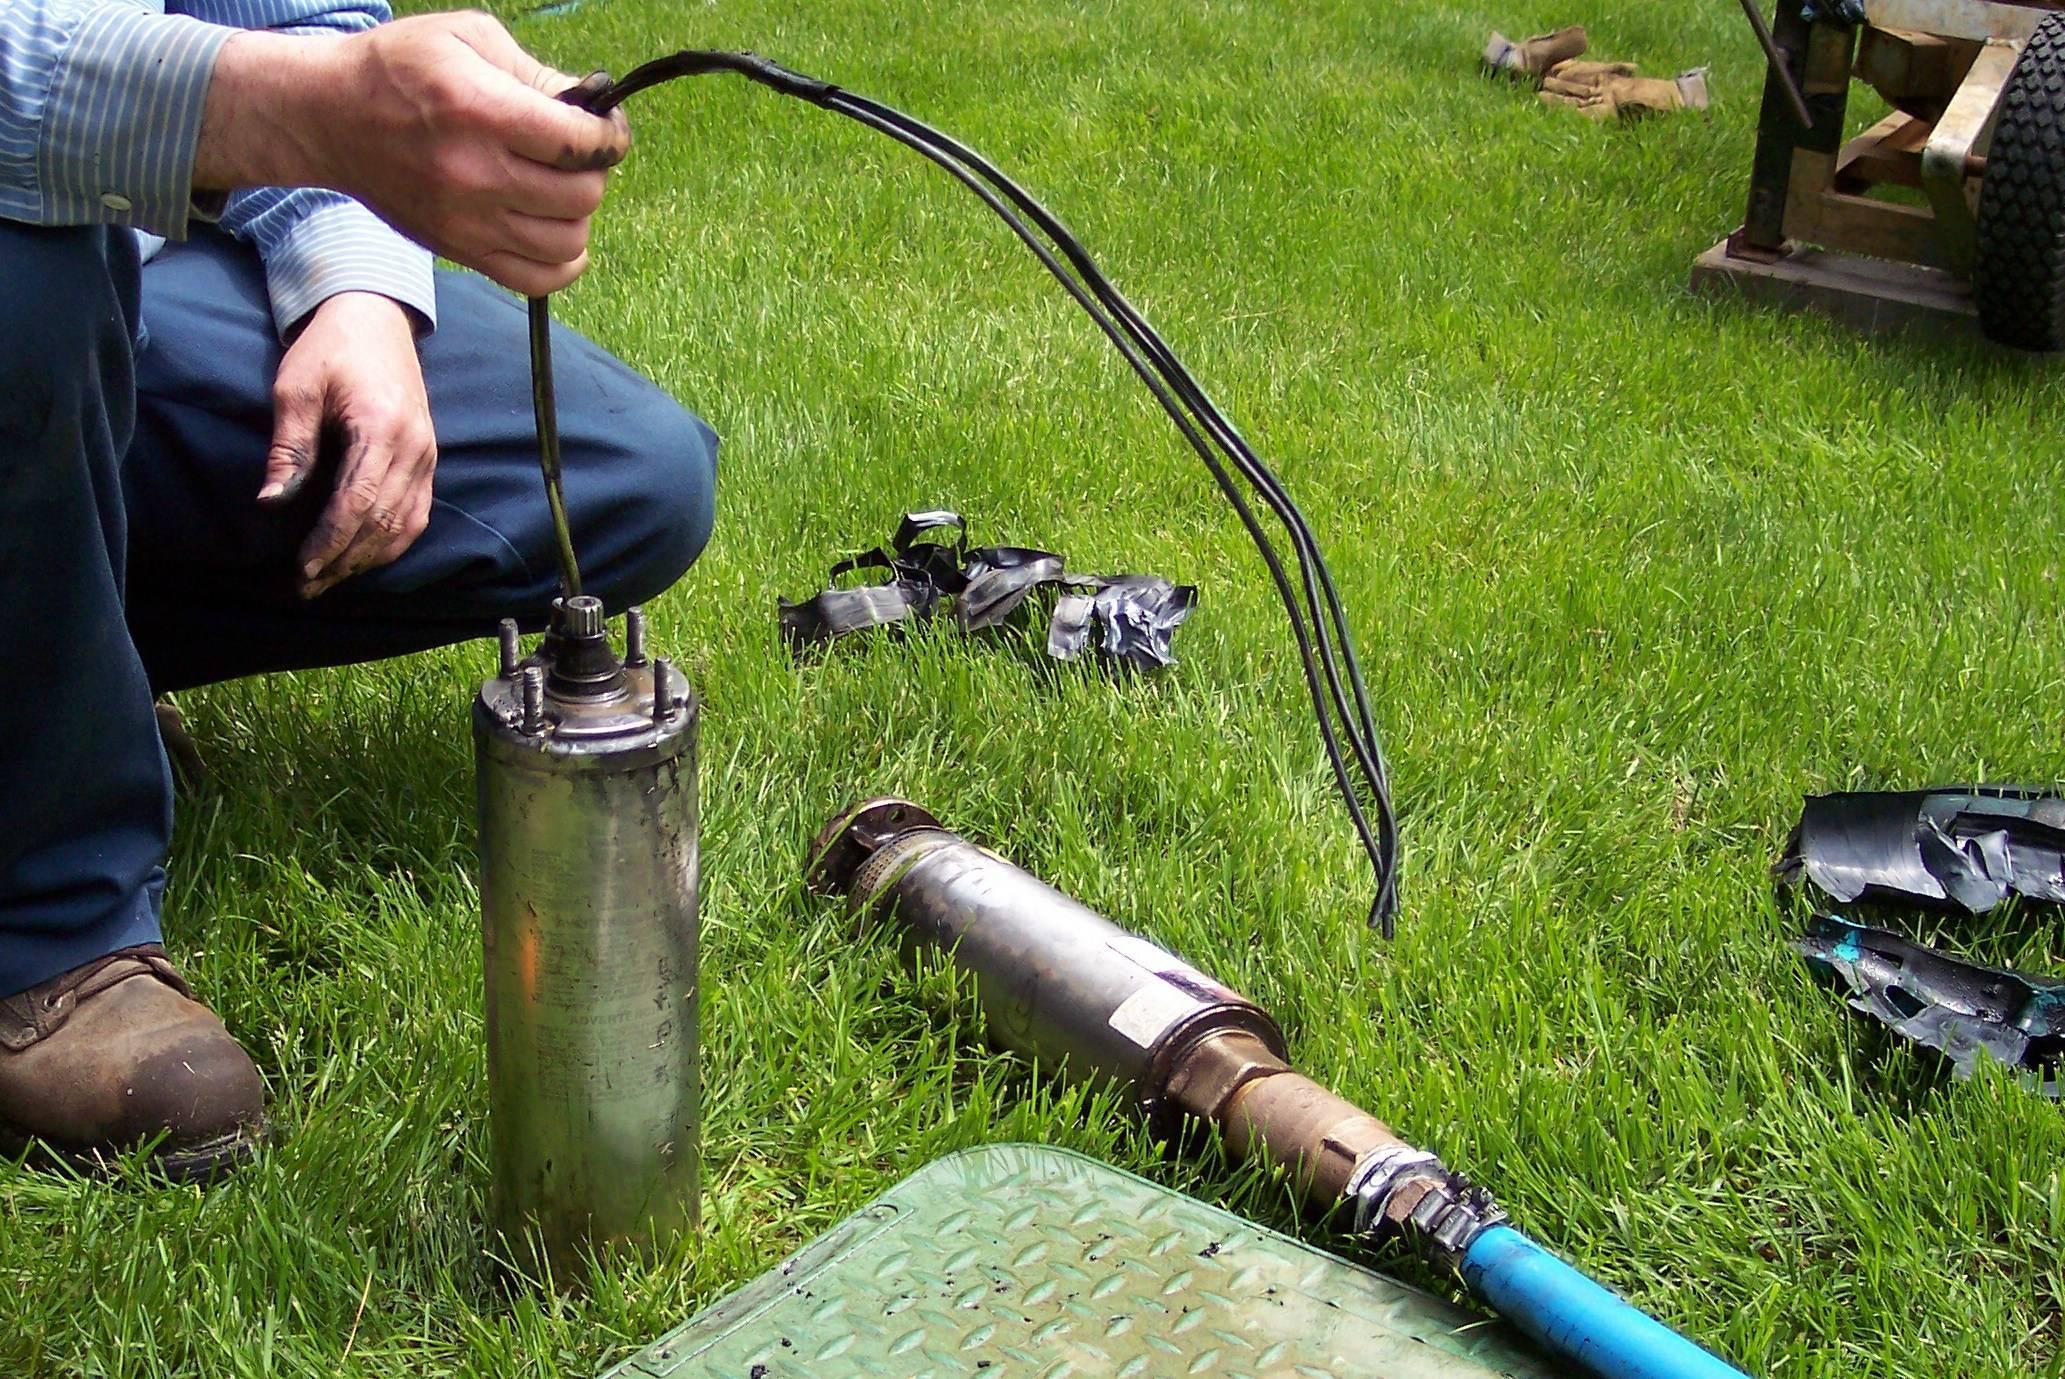 Застрял насос в скважине: как достать, если упал, как вытащить, если он застрял в трубе, что делать - глубинный вариант оторвался